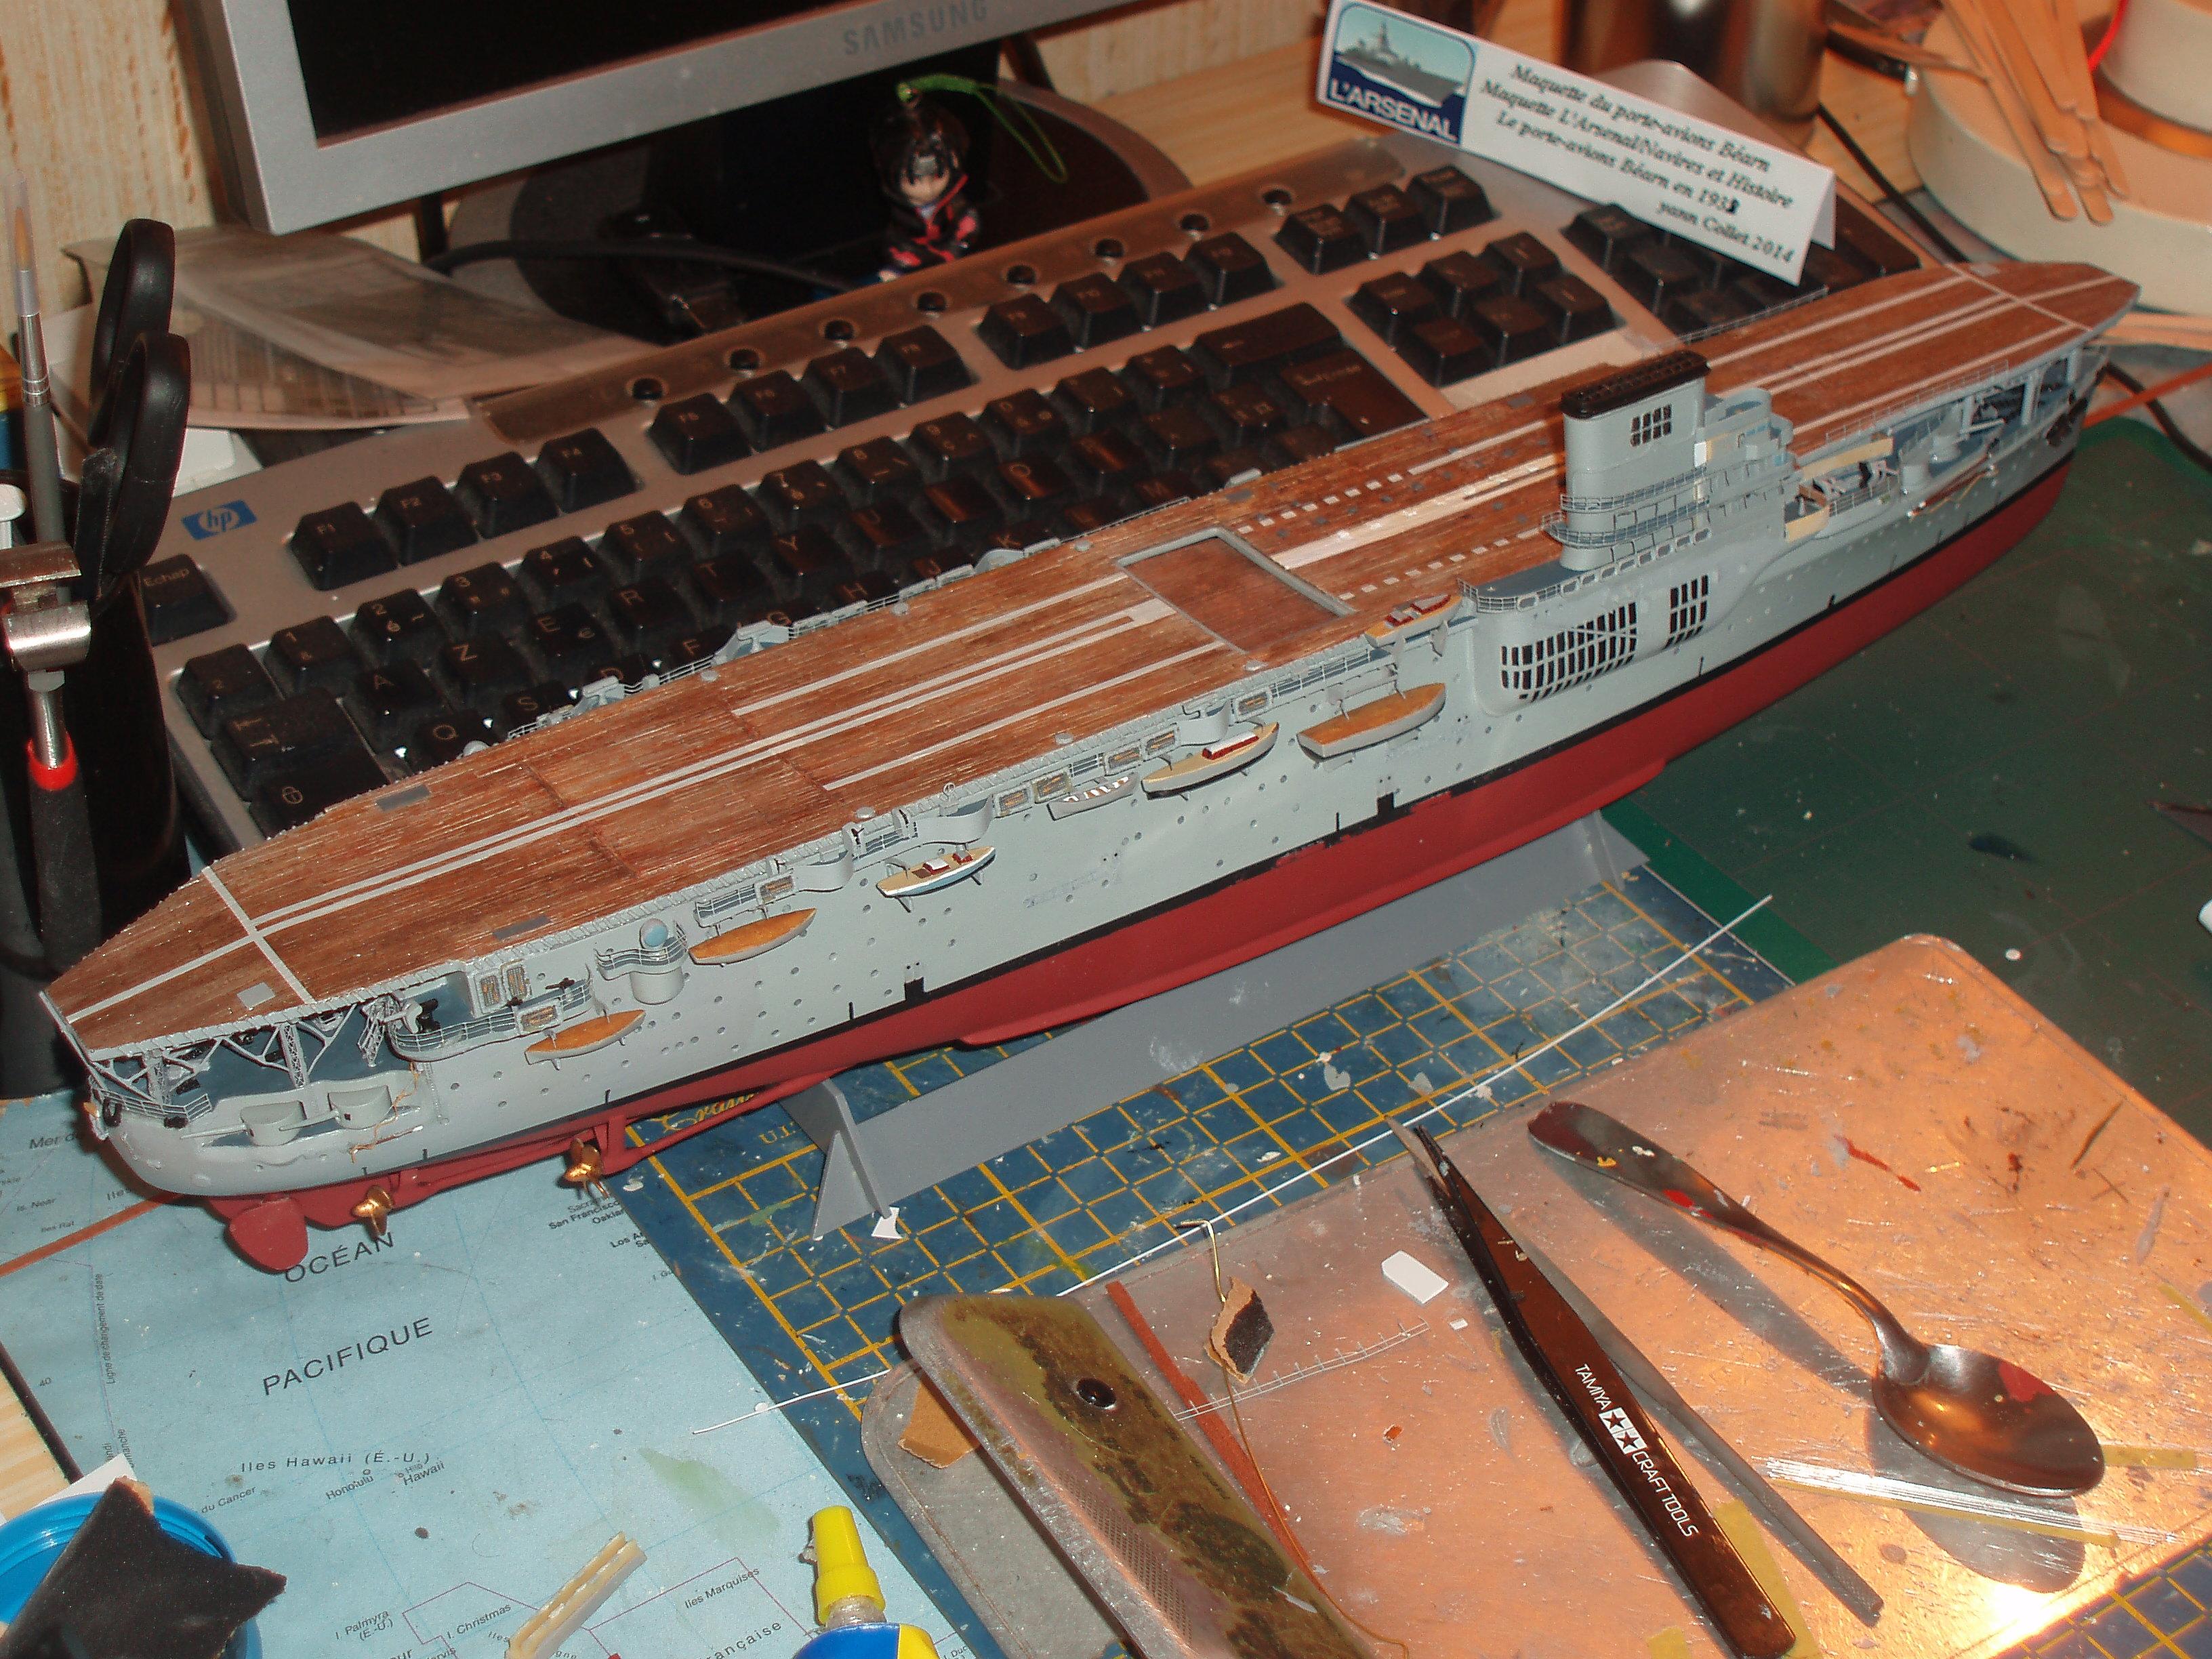 Le porte avions BEARN de l' ARSENAL - Page 2 896321P4170249